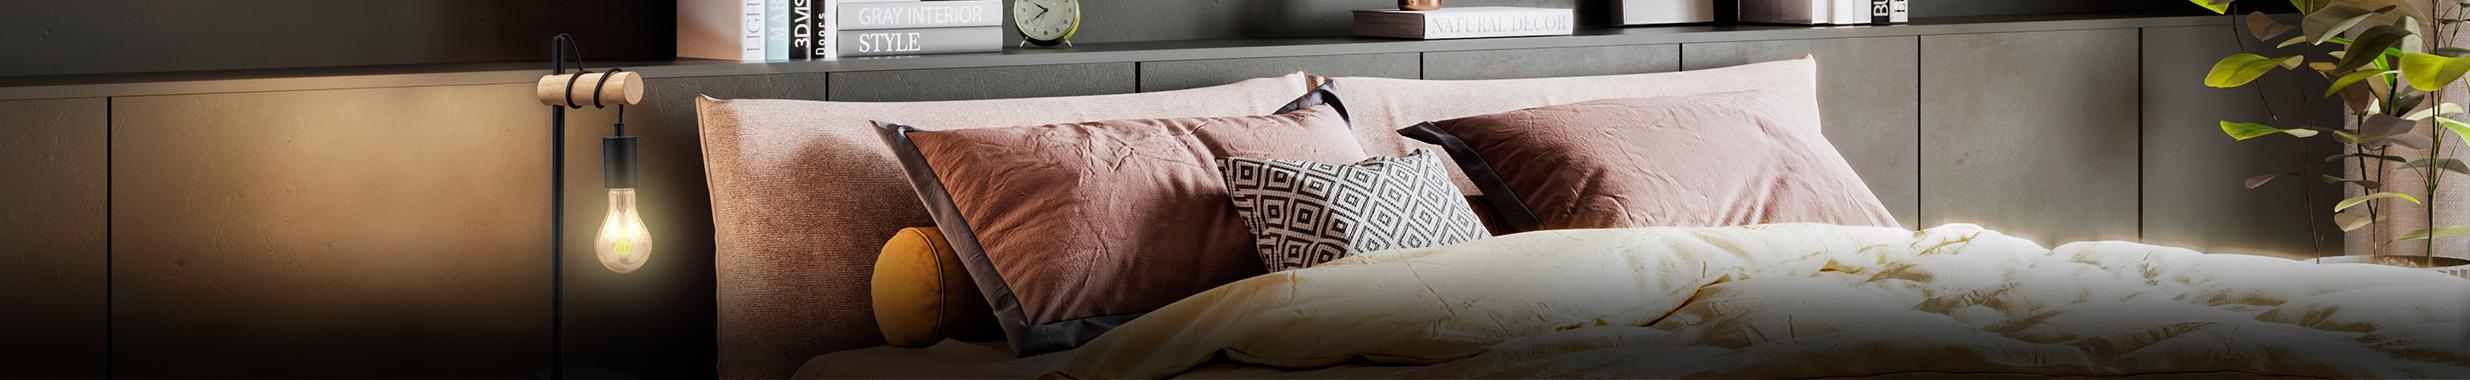 Schlafzimmerleuchten entdecken